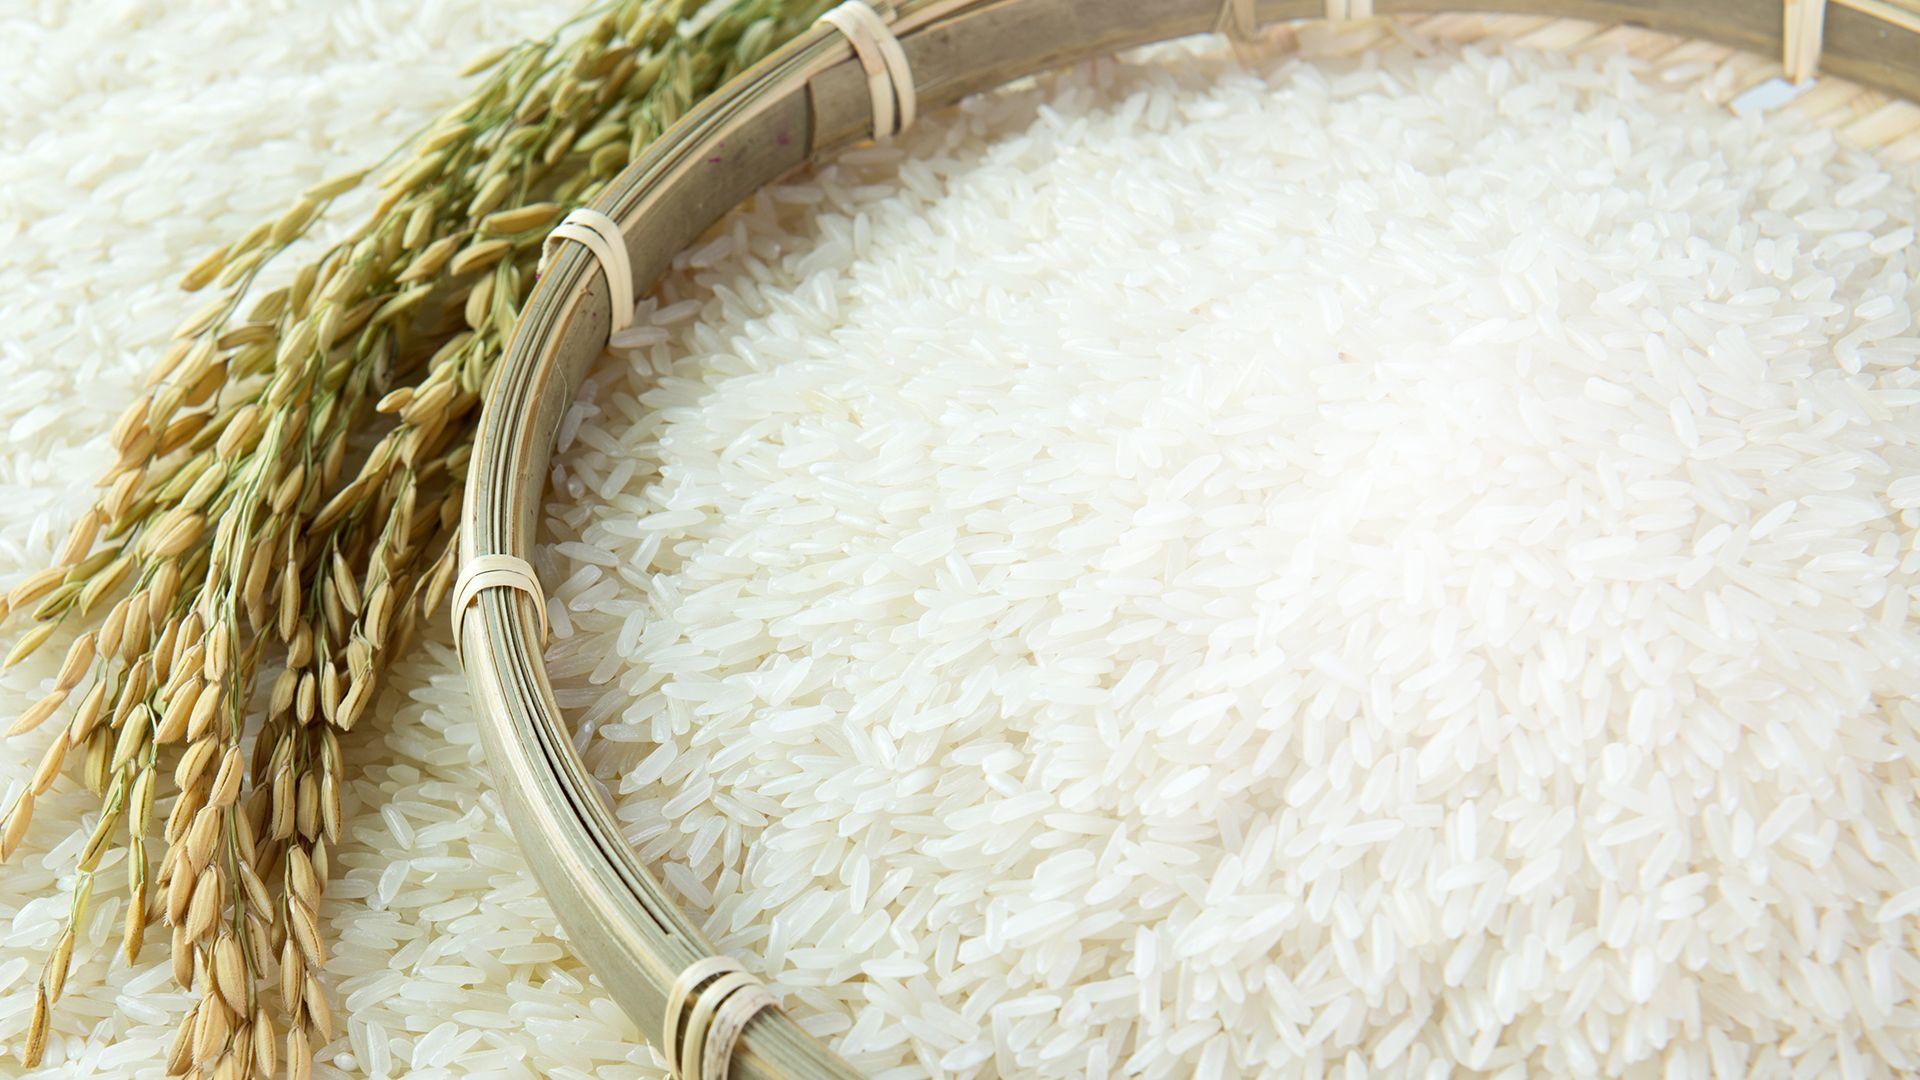 Rice full hd wallpaper download